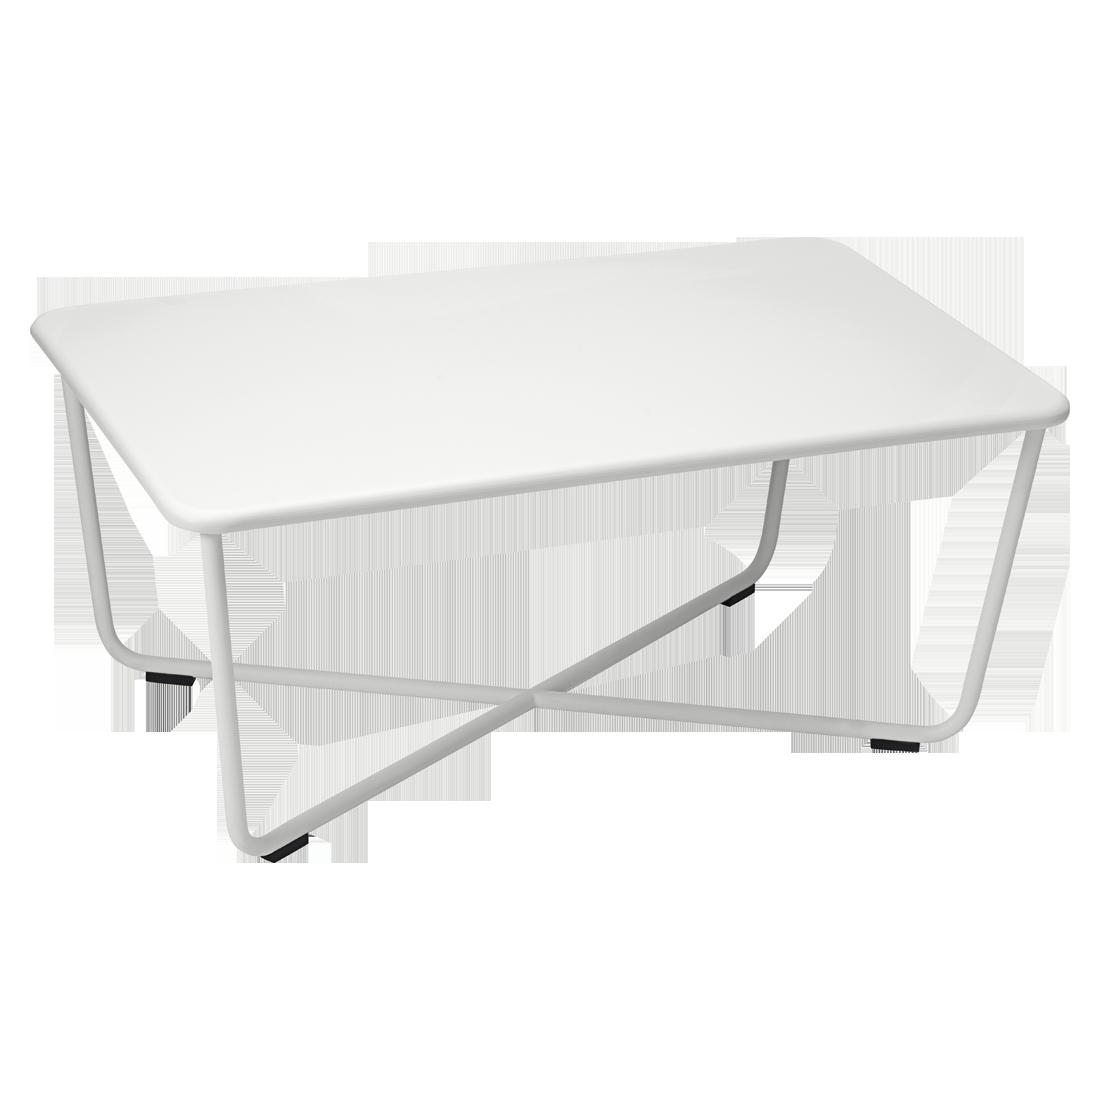 table basse croisette de fermob gris m tal. Black Bedroom Furniture Sets. Home Design Ideas